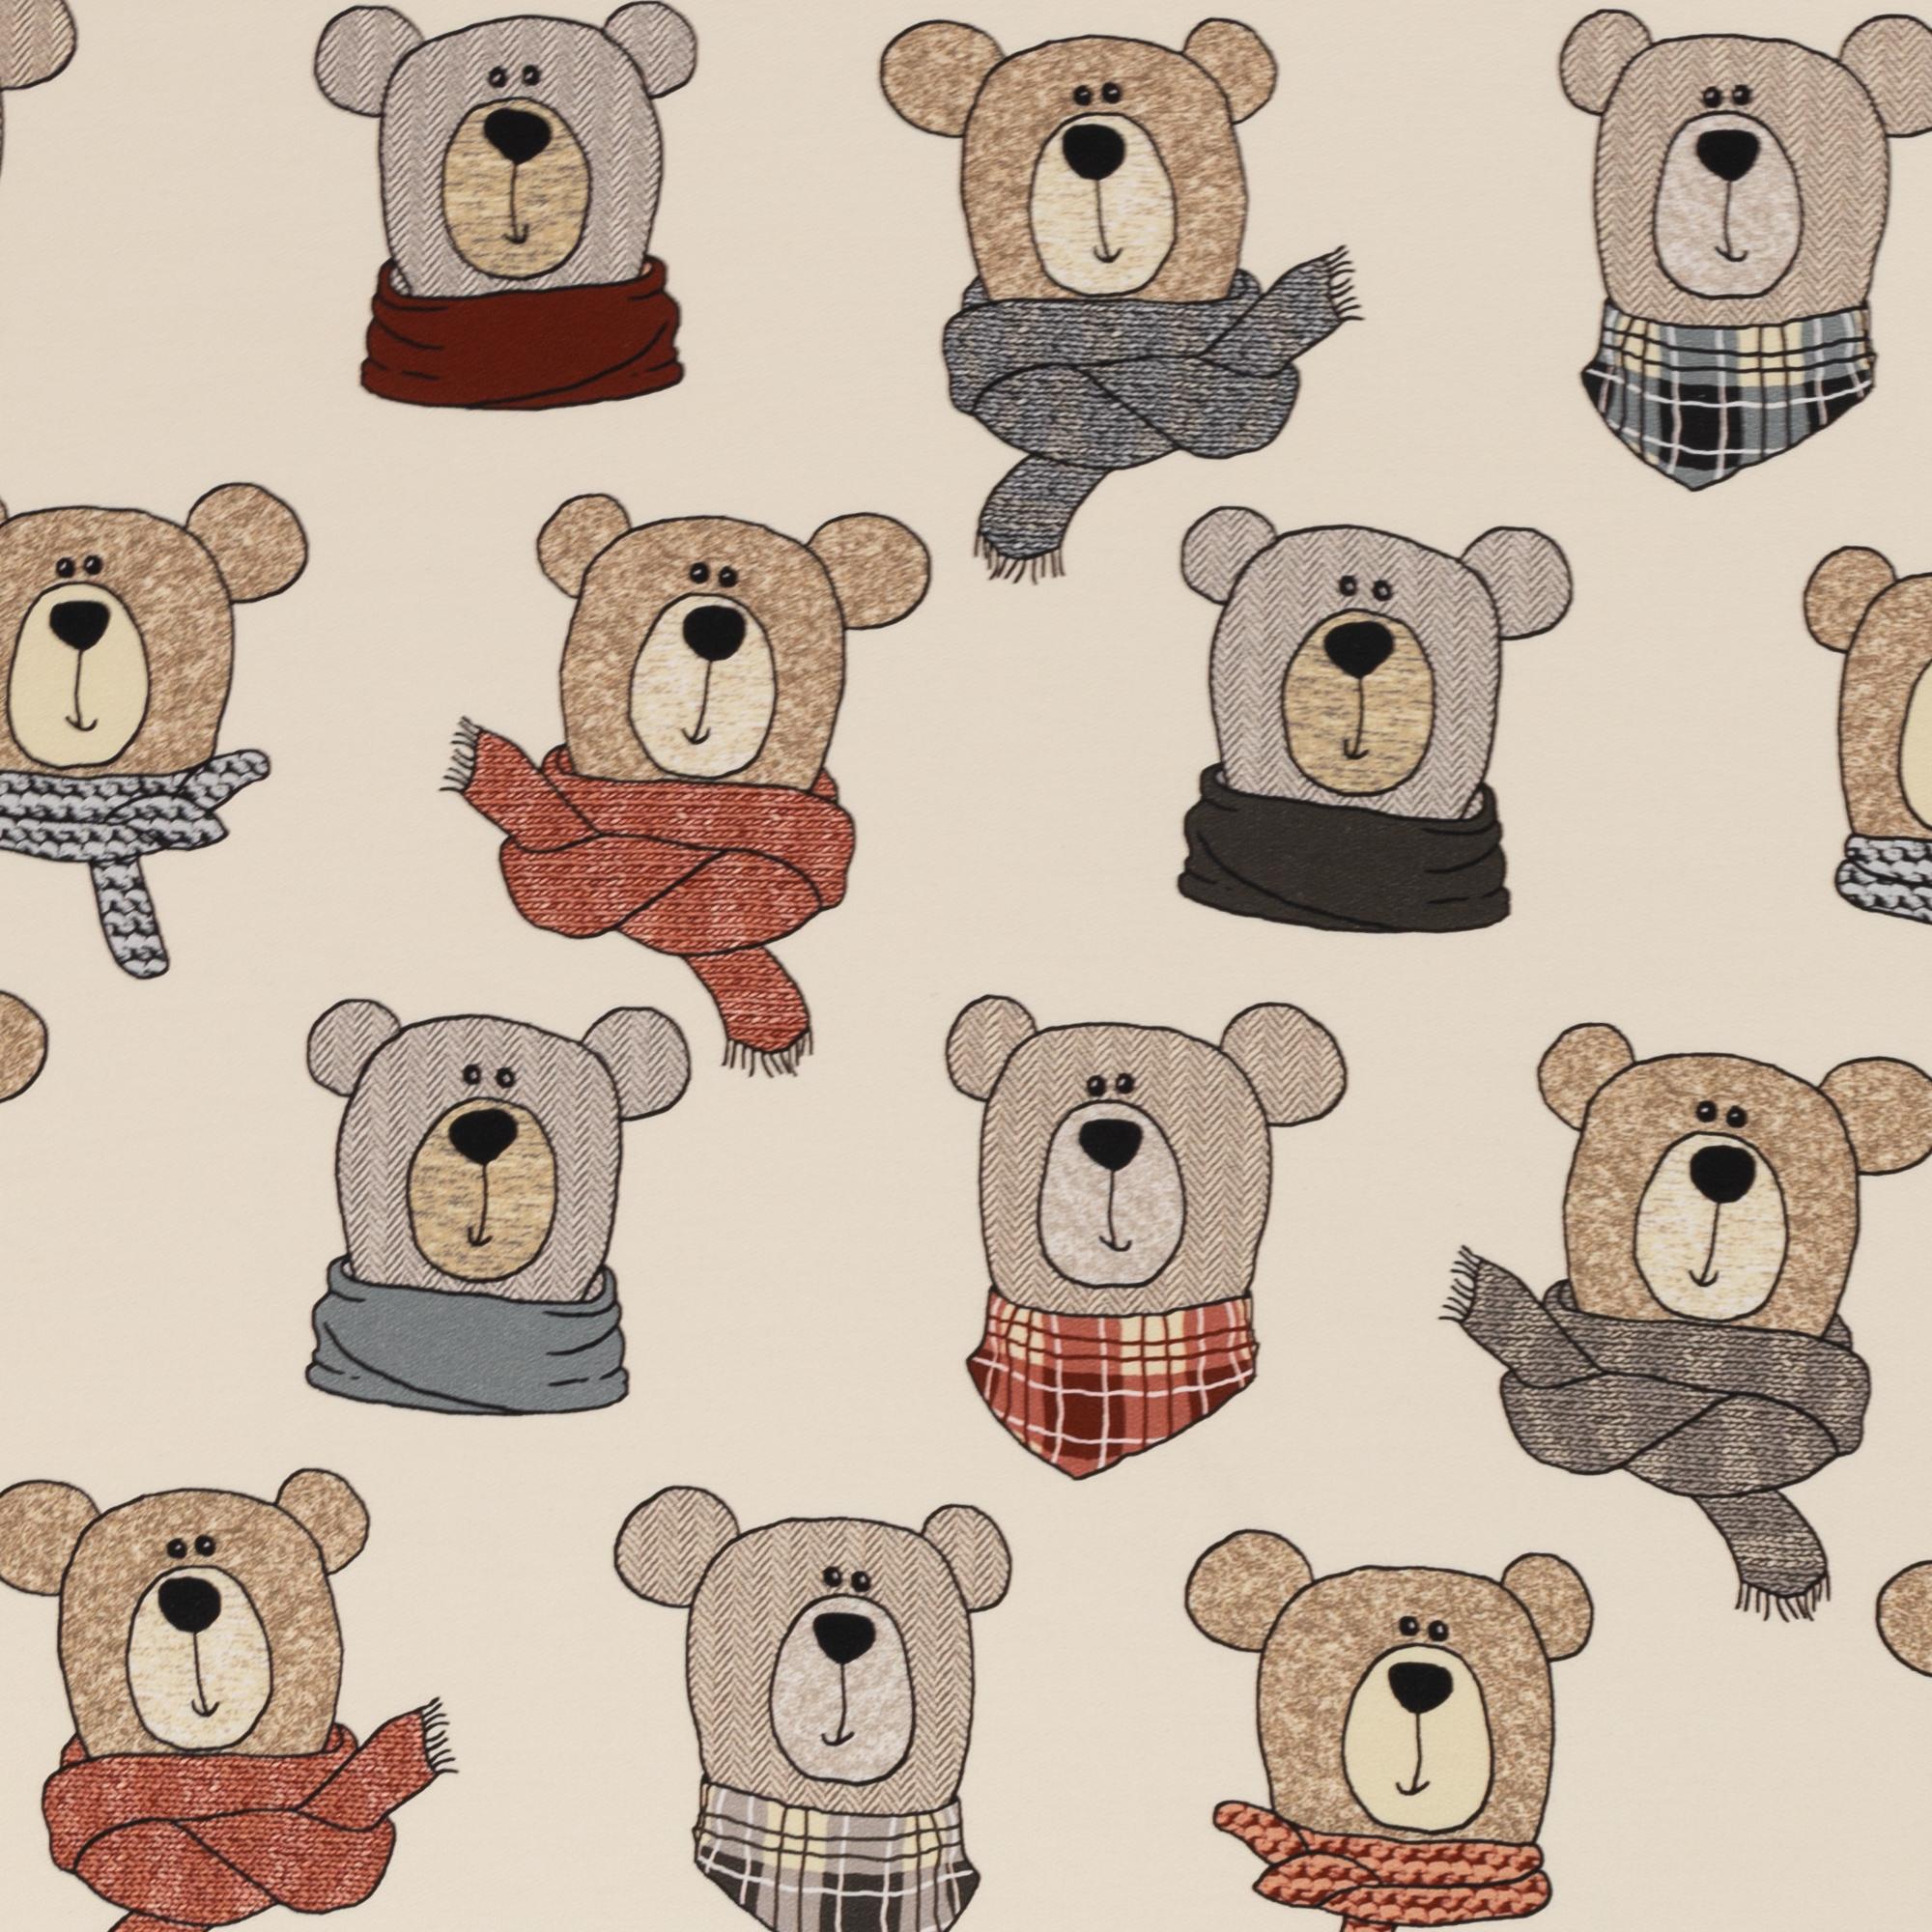 French Terry - Sommersweat - Swafing - Sweet Bears - Bärchen mit Schal auf Beige